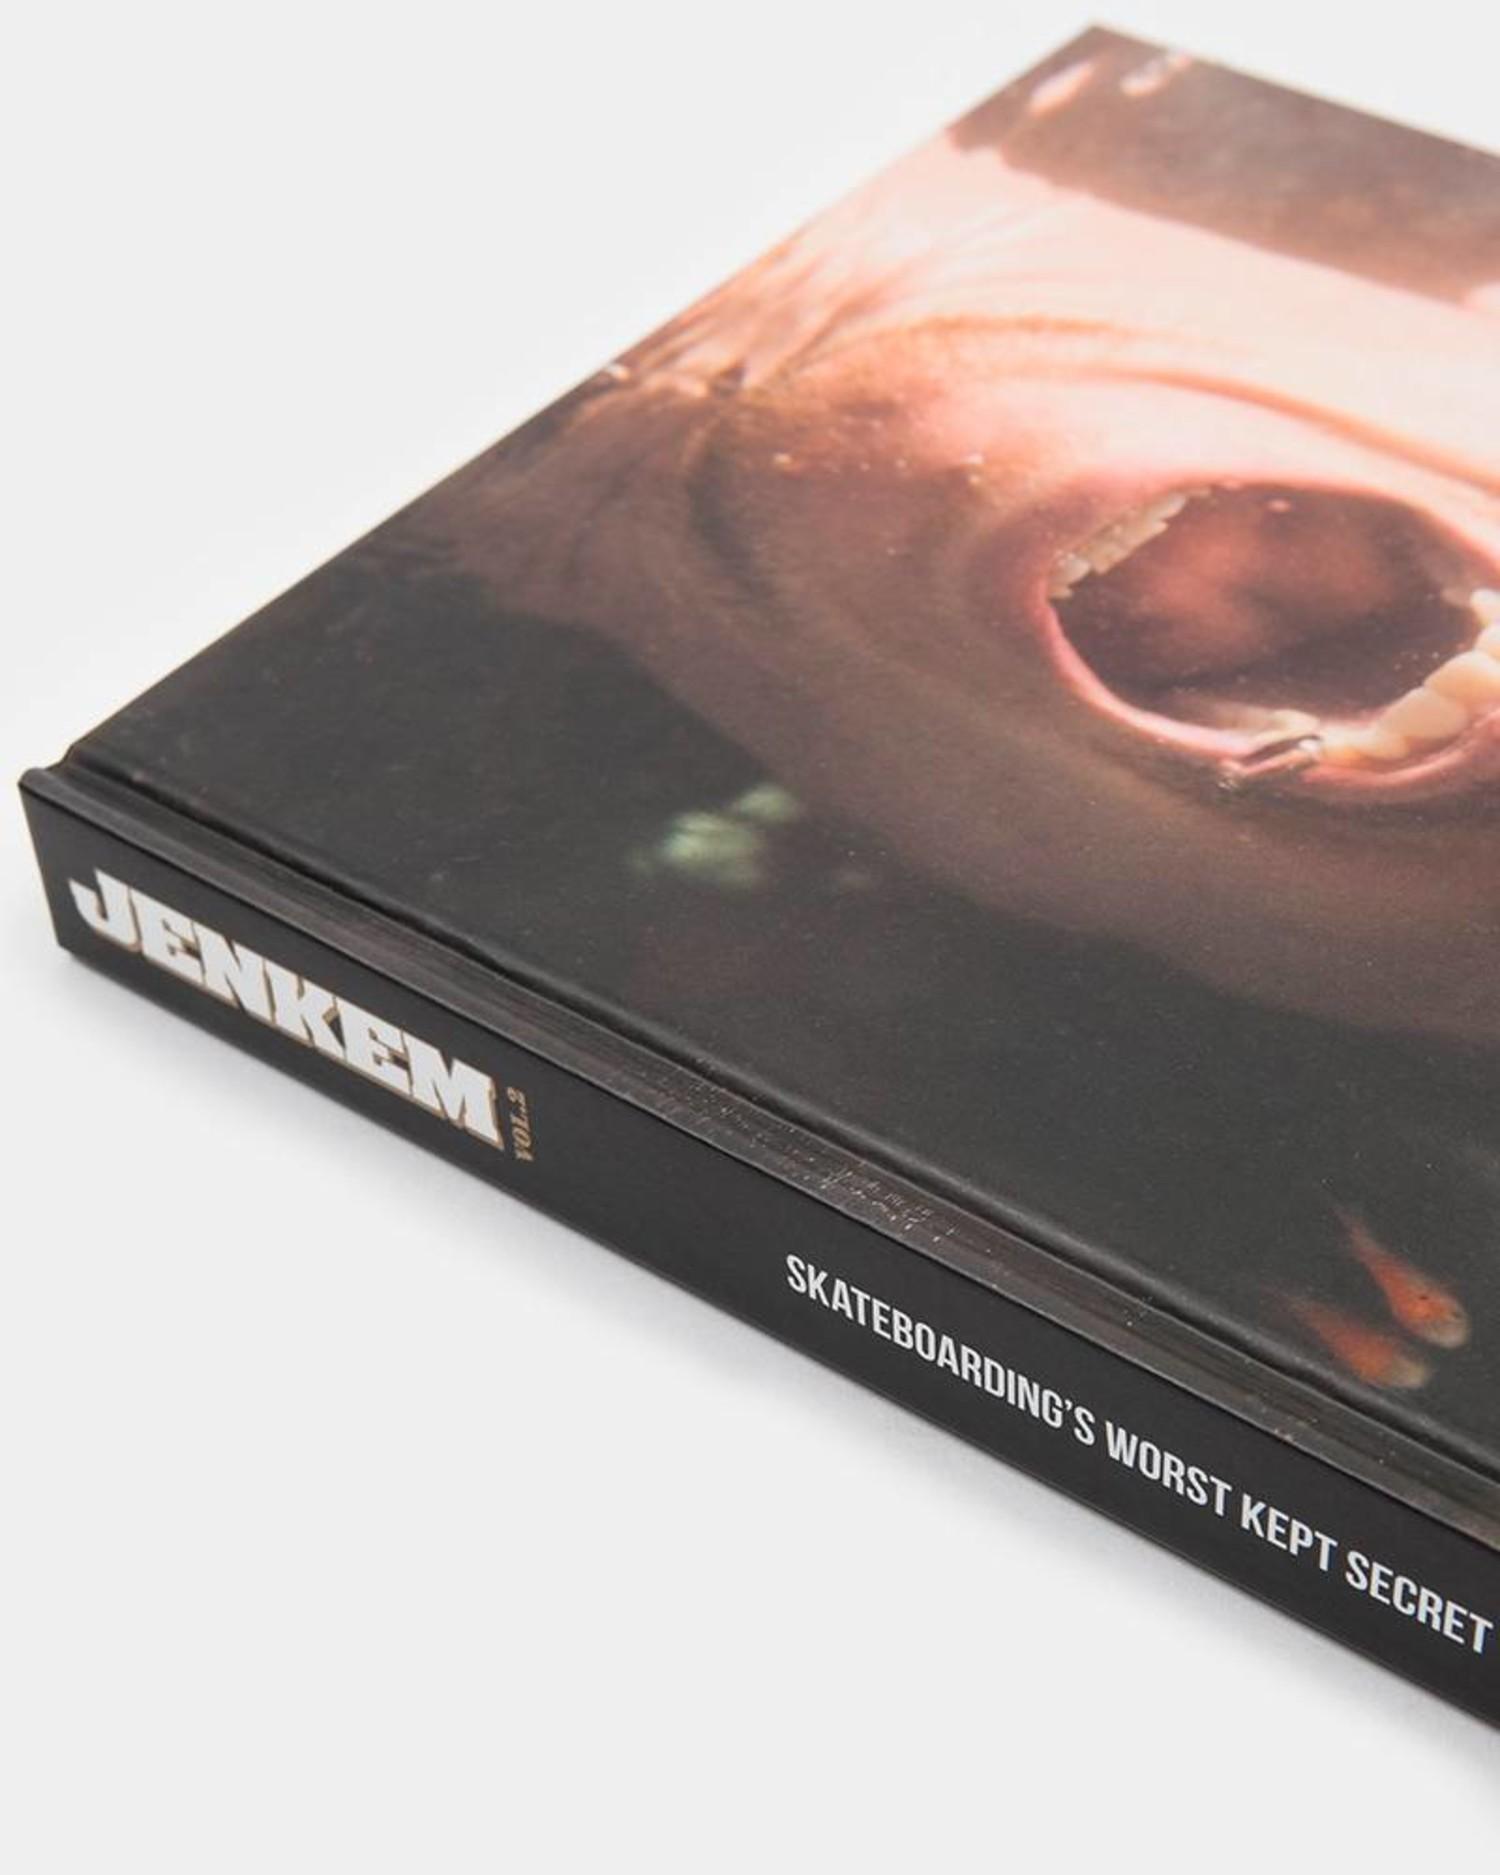 Jenkem Book Volume 2